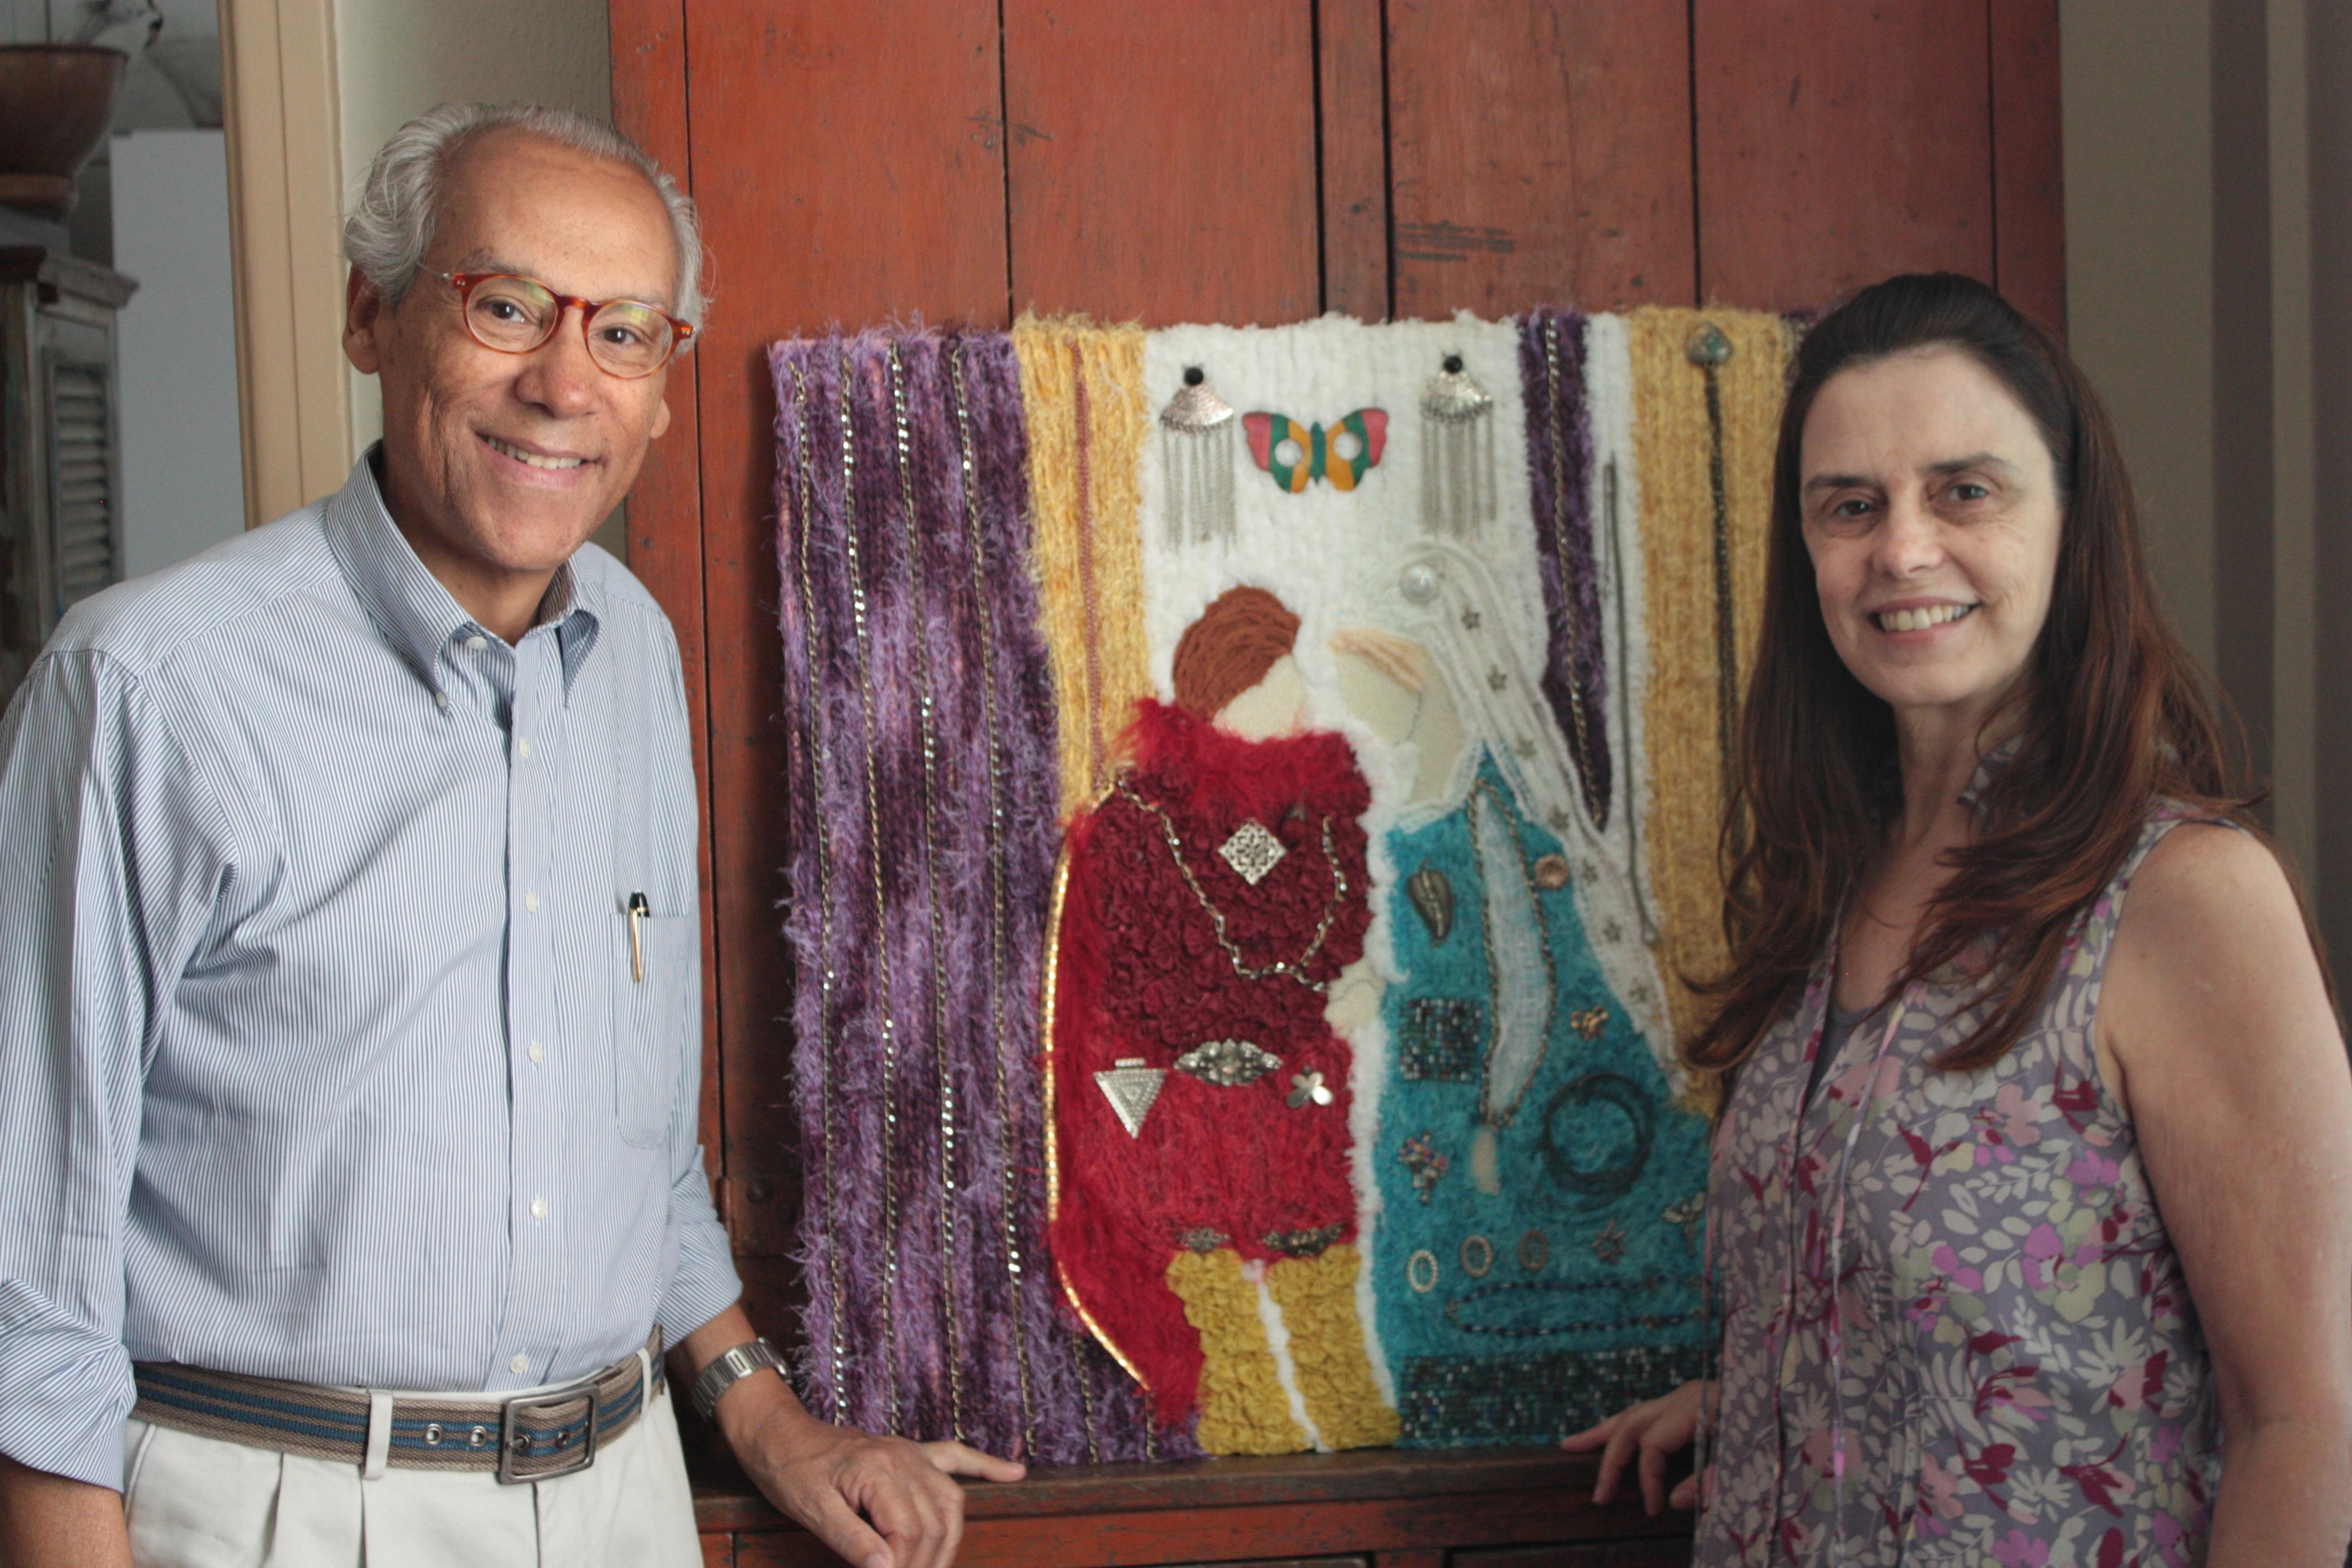 O curador Enoch de Sousa Nascimento e a artista plástica Zélia Mendonça com uma das obras que serão exibidas.